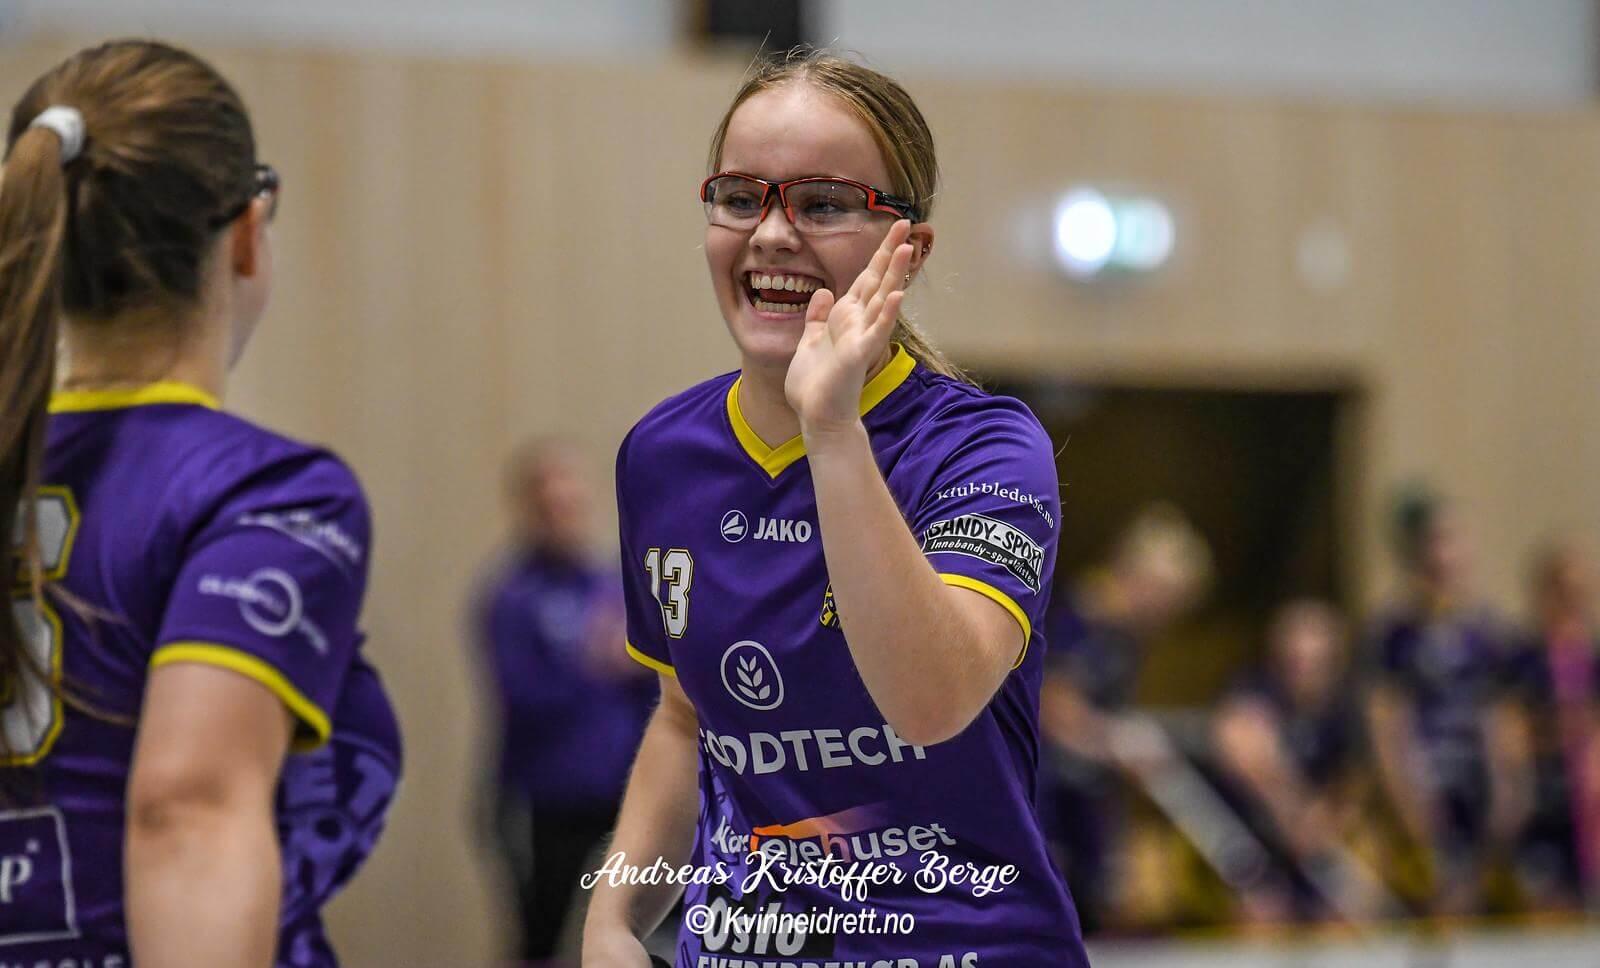 Tunets Caroline Bjercke fikk premie som sitt lags beste spiller etter fem poeng (3+2) mot Gjelleråsen. Foto: Andreas Kristoffer Berge